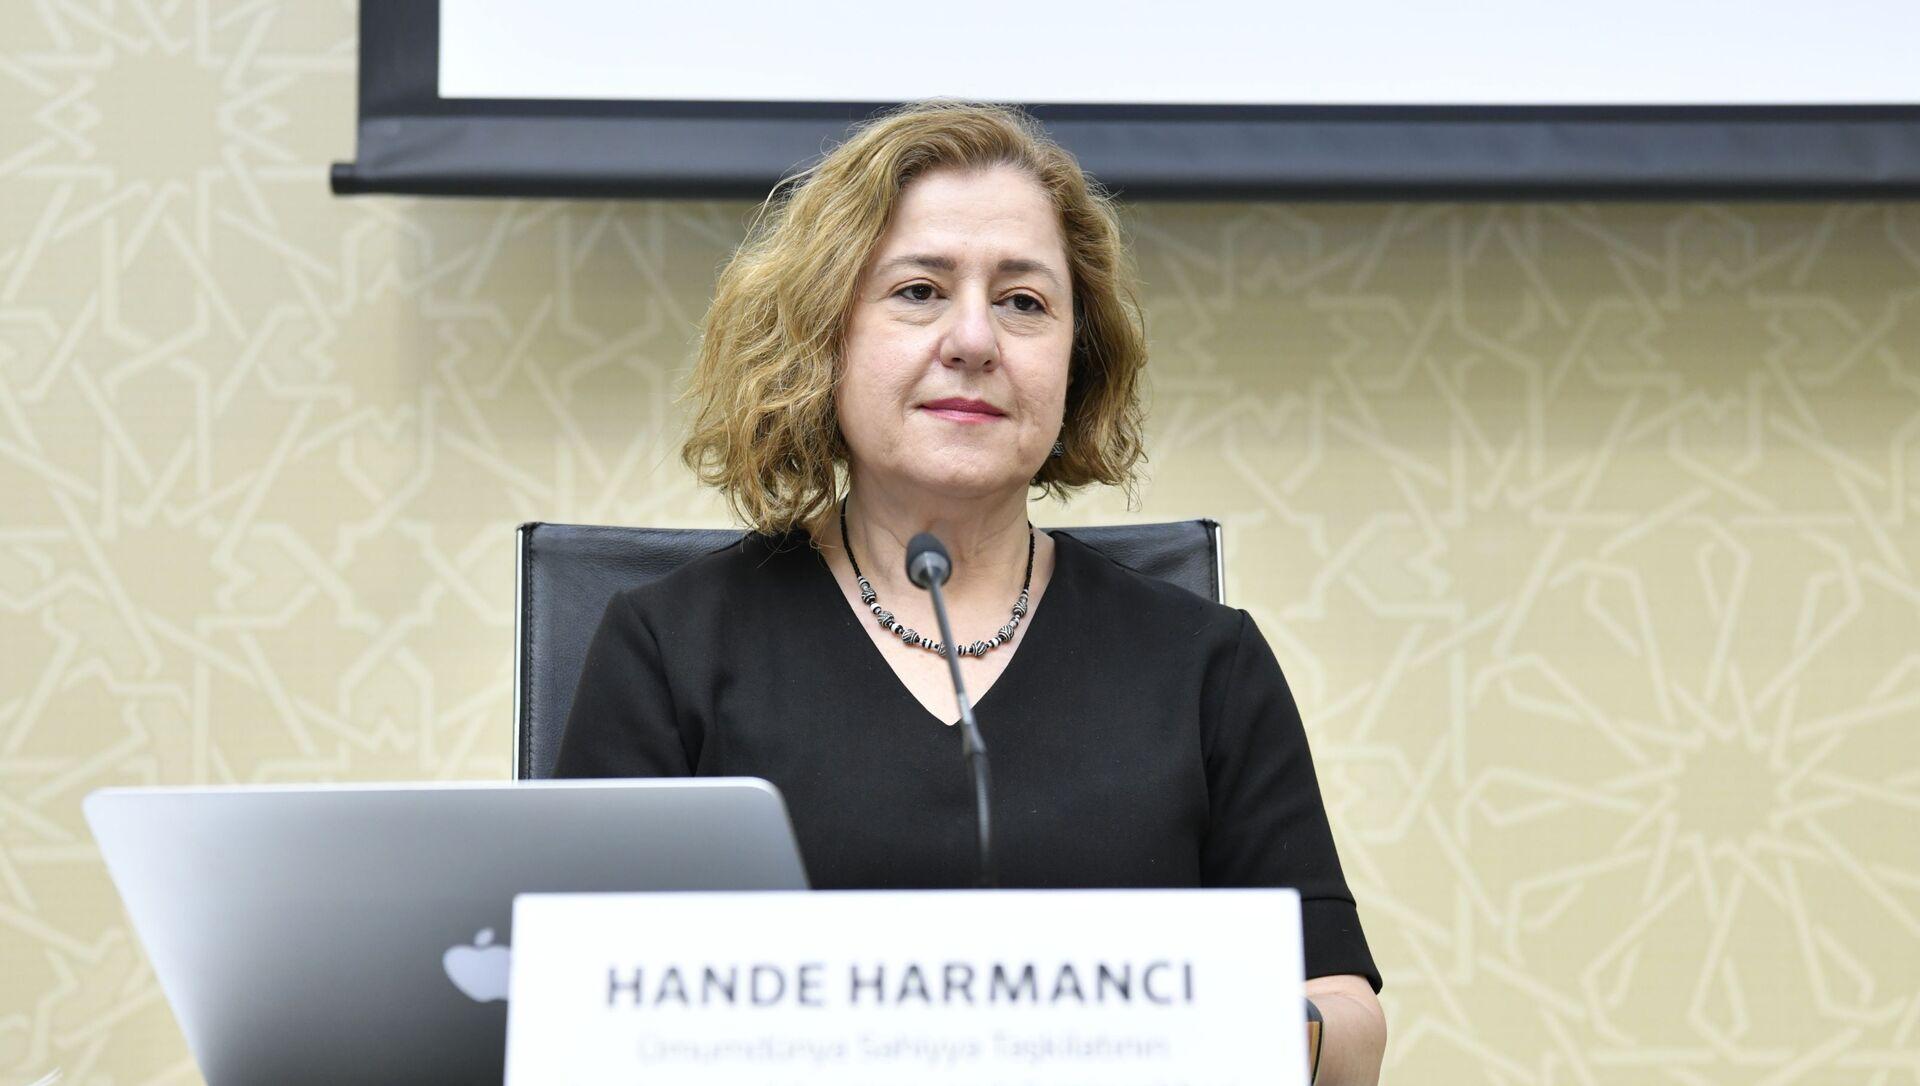 Представитель Всемирной организации здравоохранения (ВОЗ) в Азербайджане Ханде Харманджи  - Sputnik Азербайджан, 1920, 11.08.2021